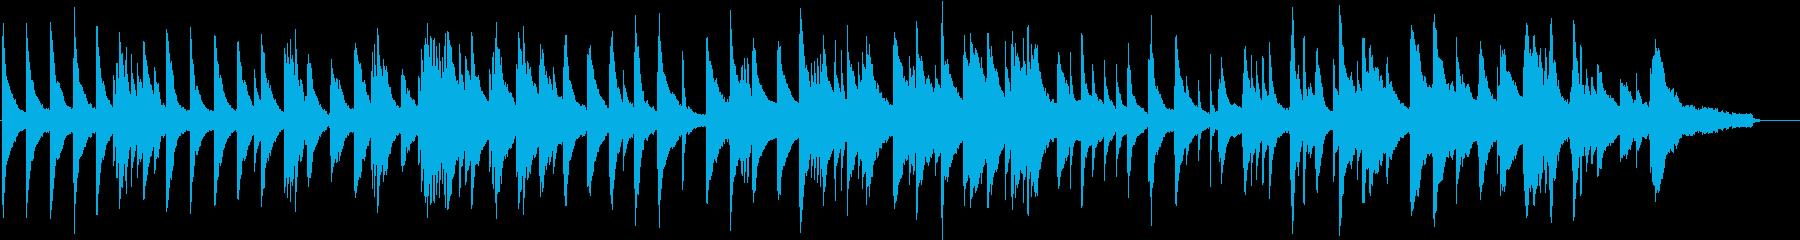 抑揚の少ない静かなピアノ曲の再生済みの波形